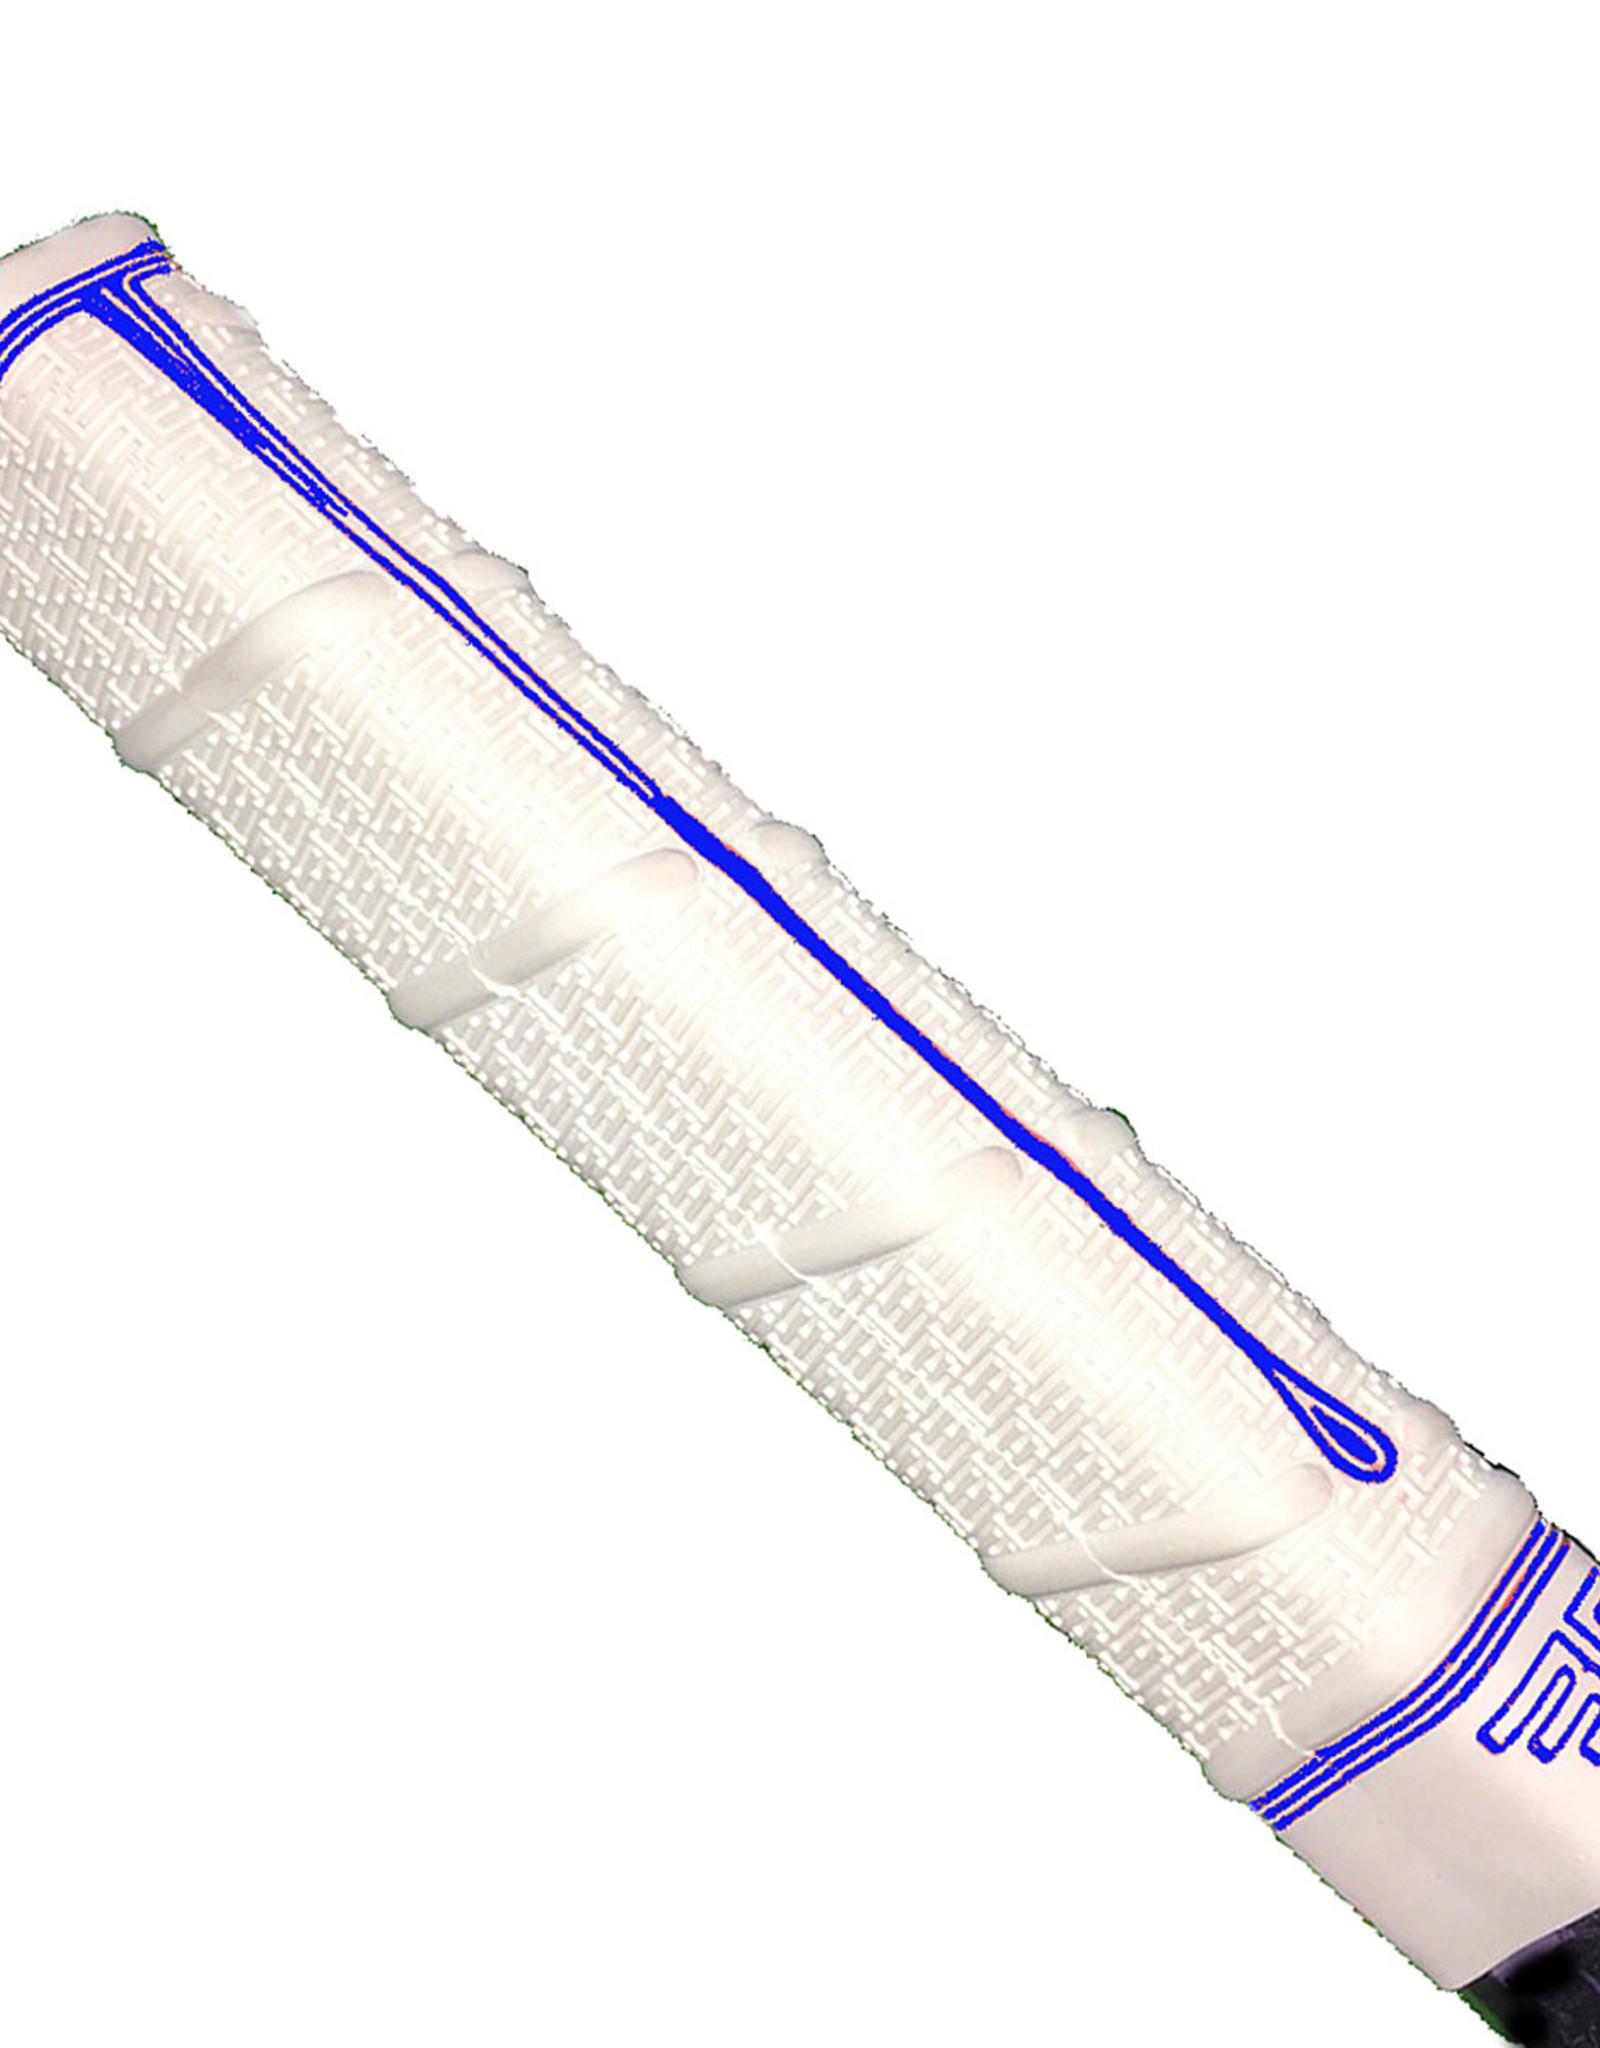 Buttendz Buttendz Twirl 88 Grip (White/Blue)